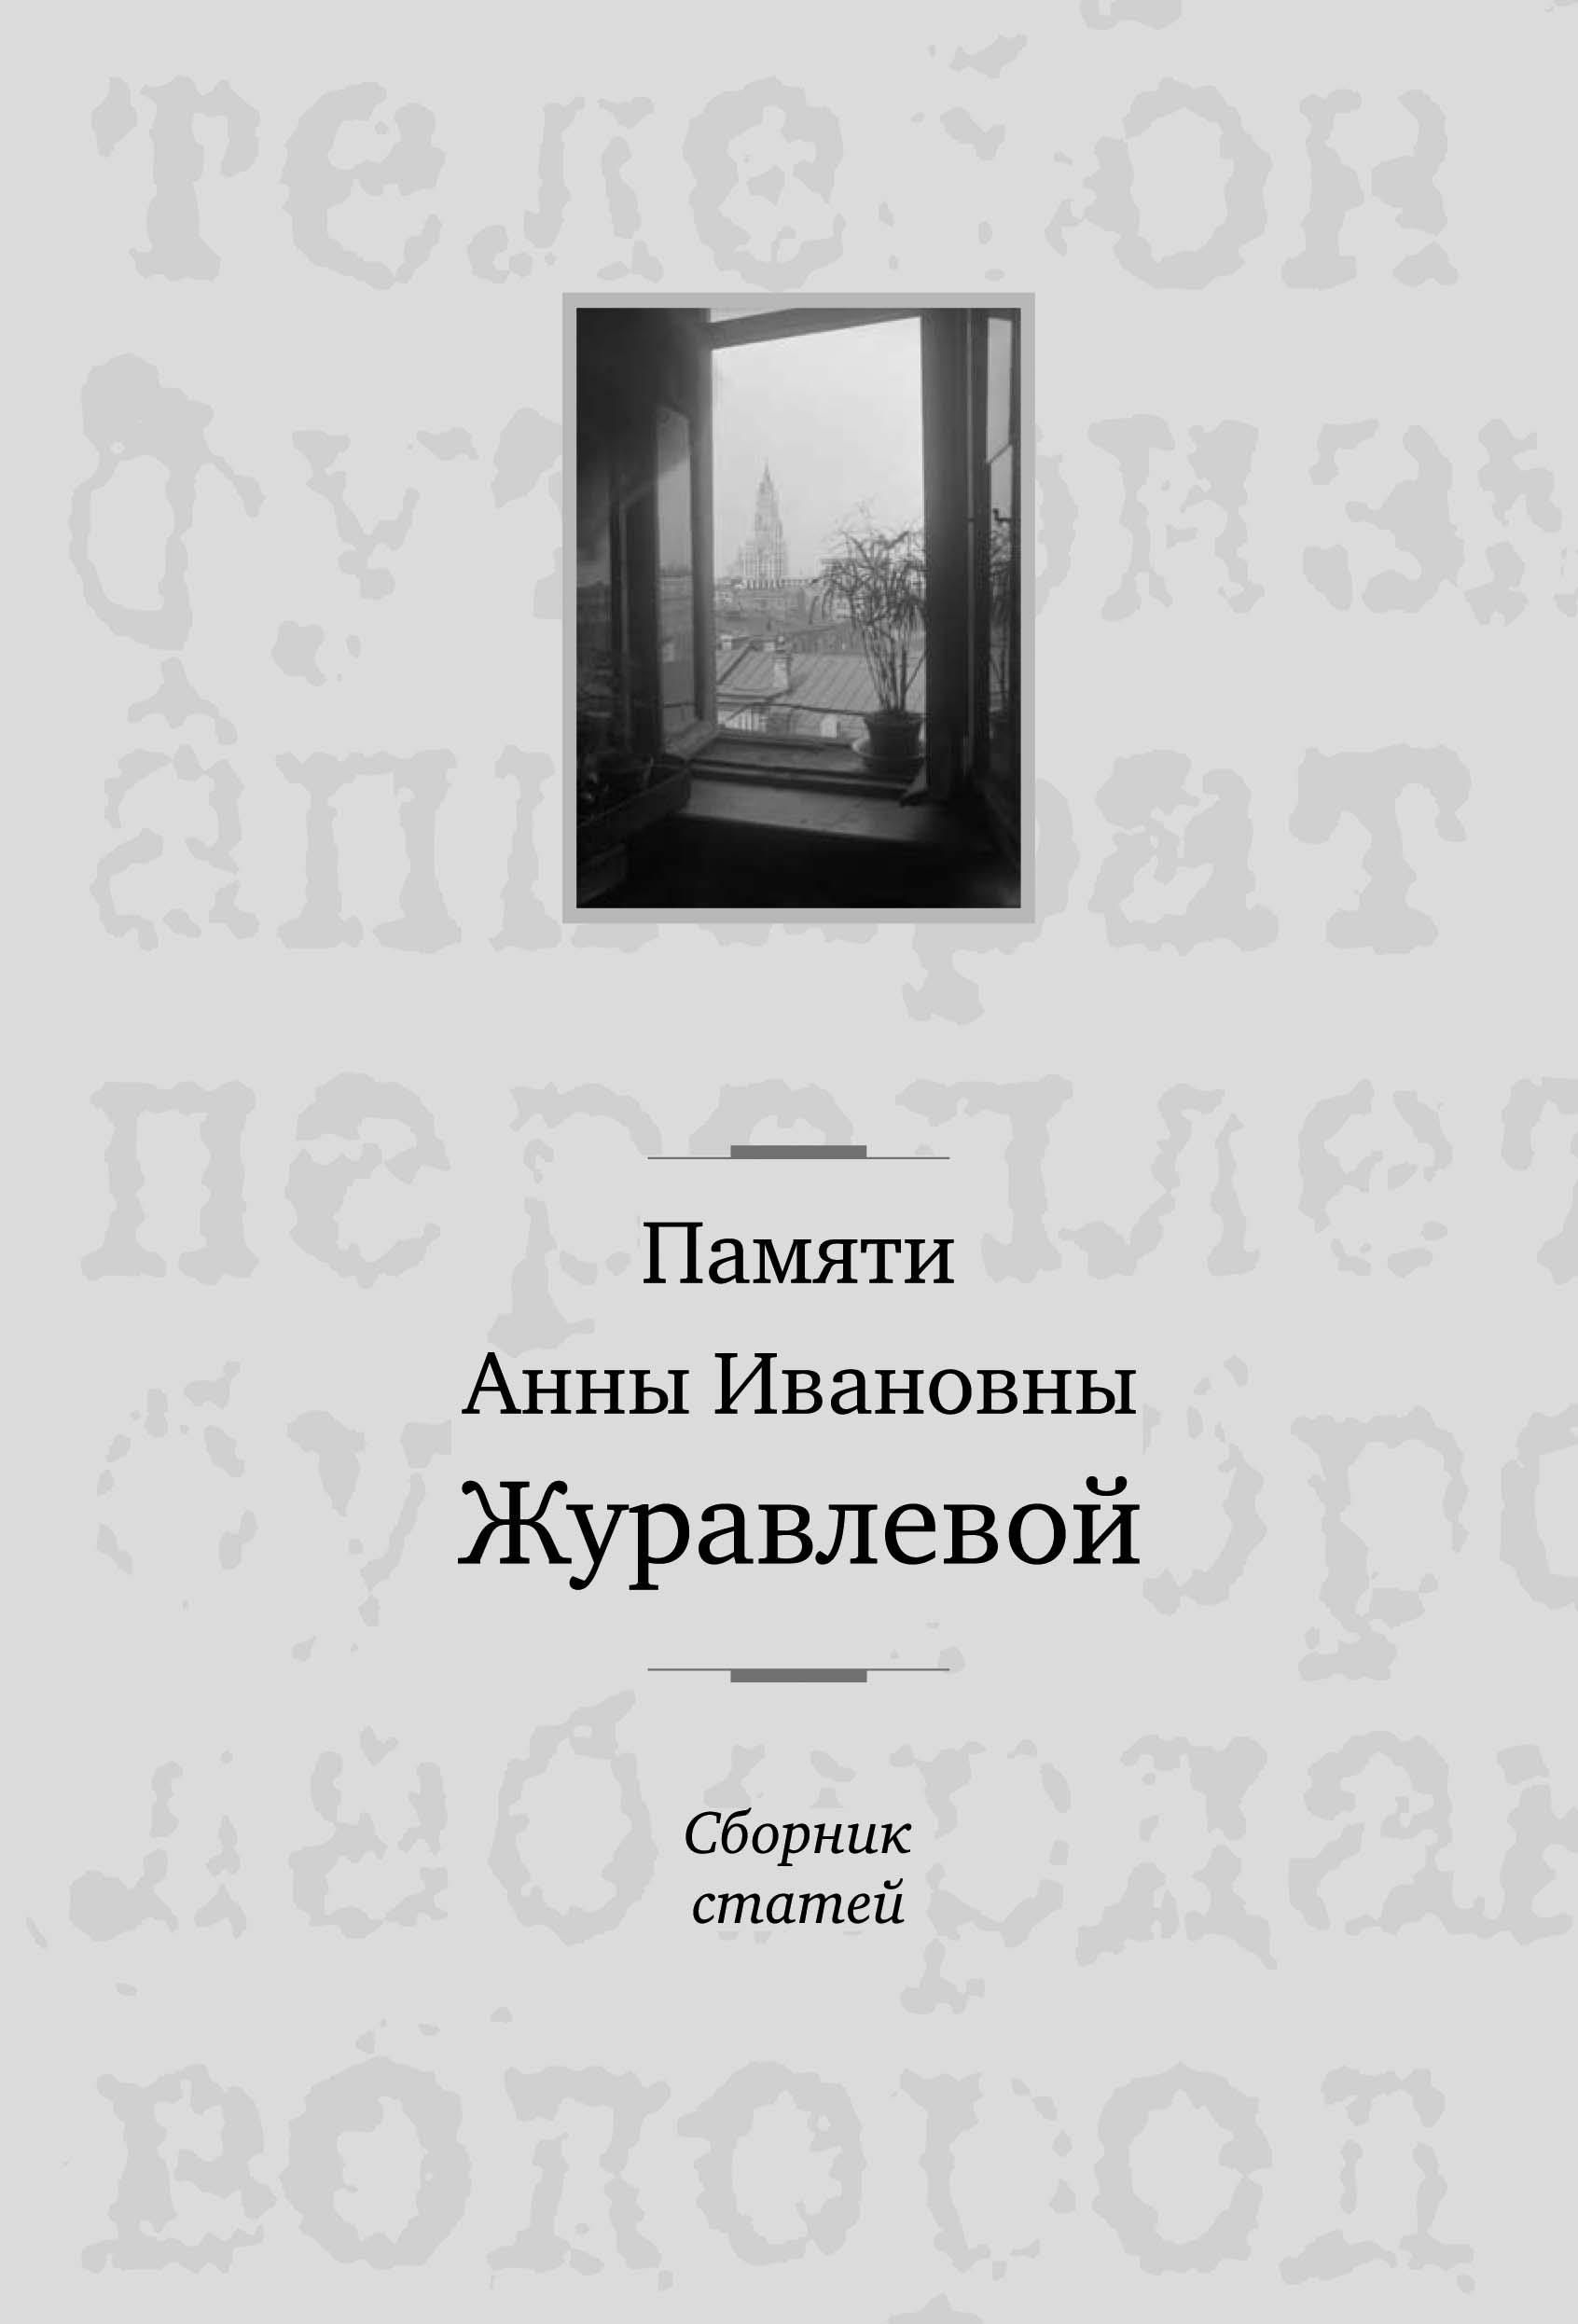 Памяти Анны Ивановны Журавлевой: Сборник статей